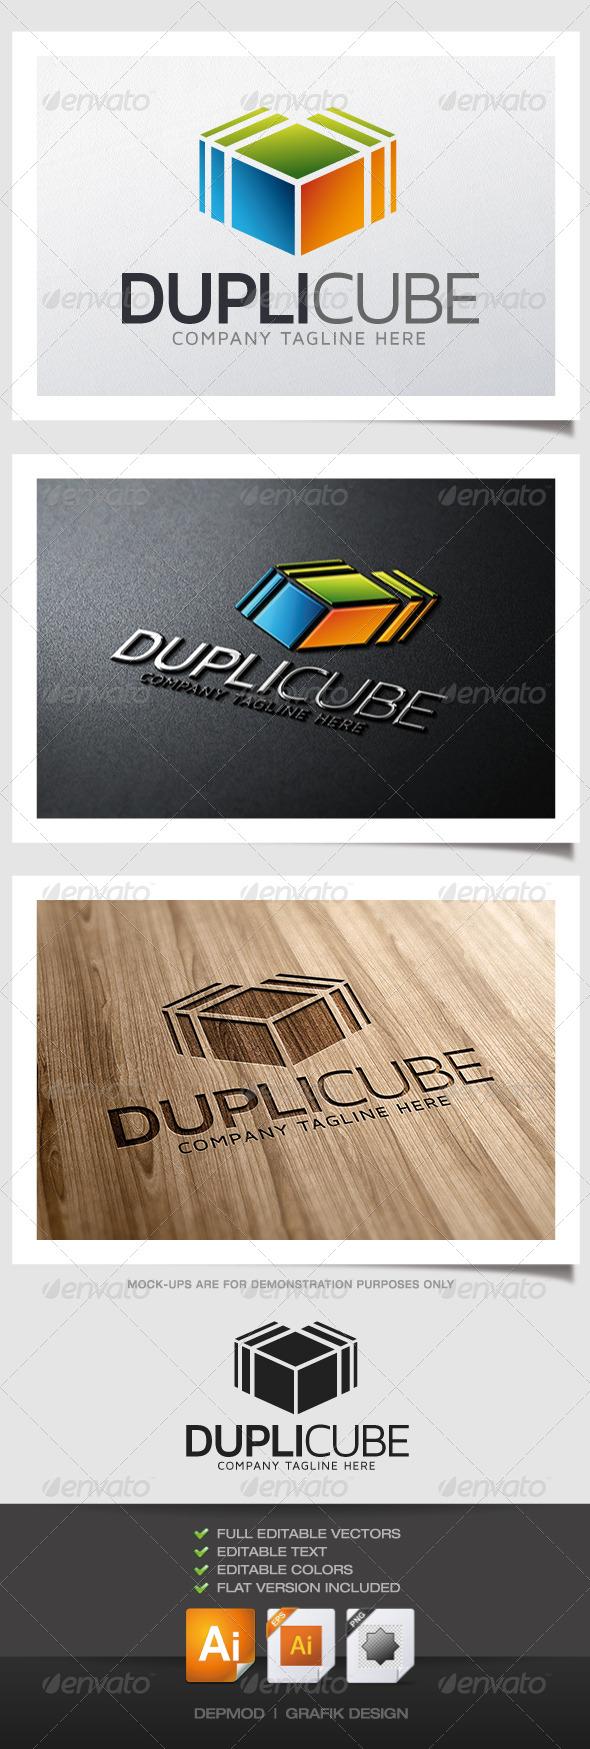 GraphicRiver Dupli Cube Logo 4989161